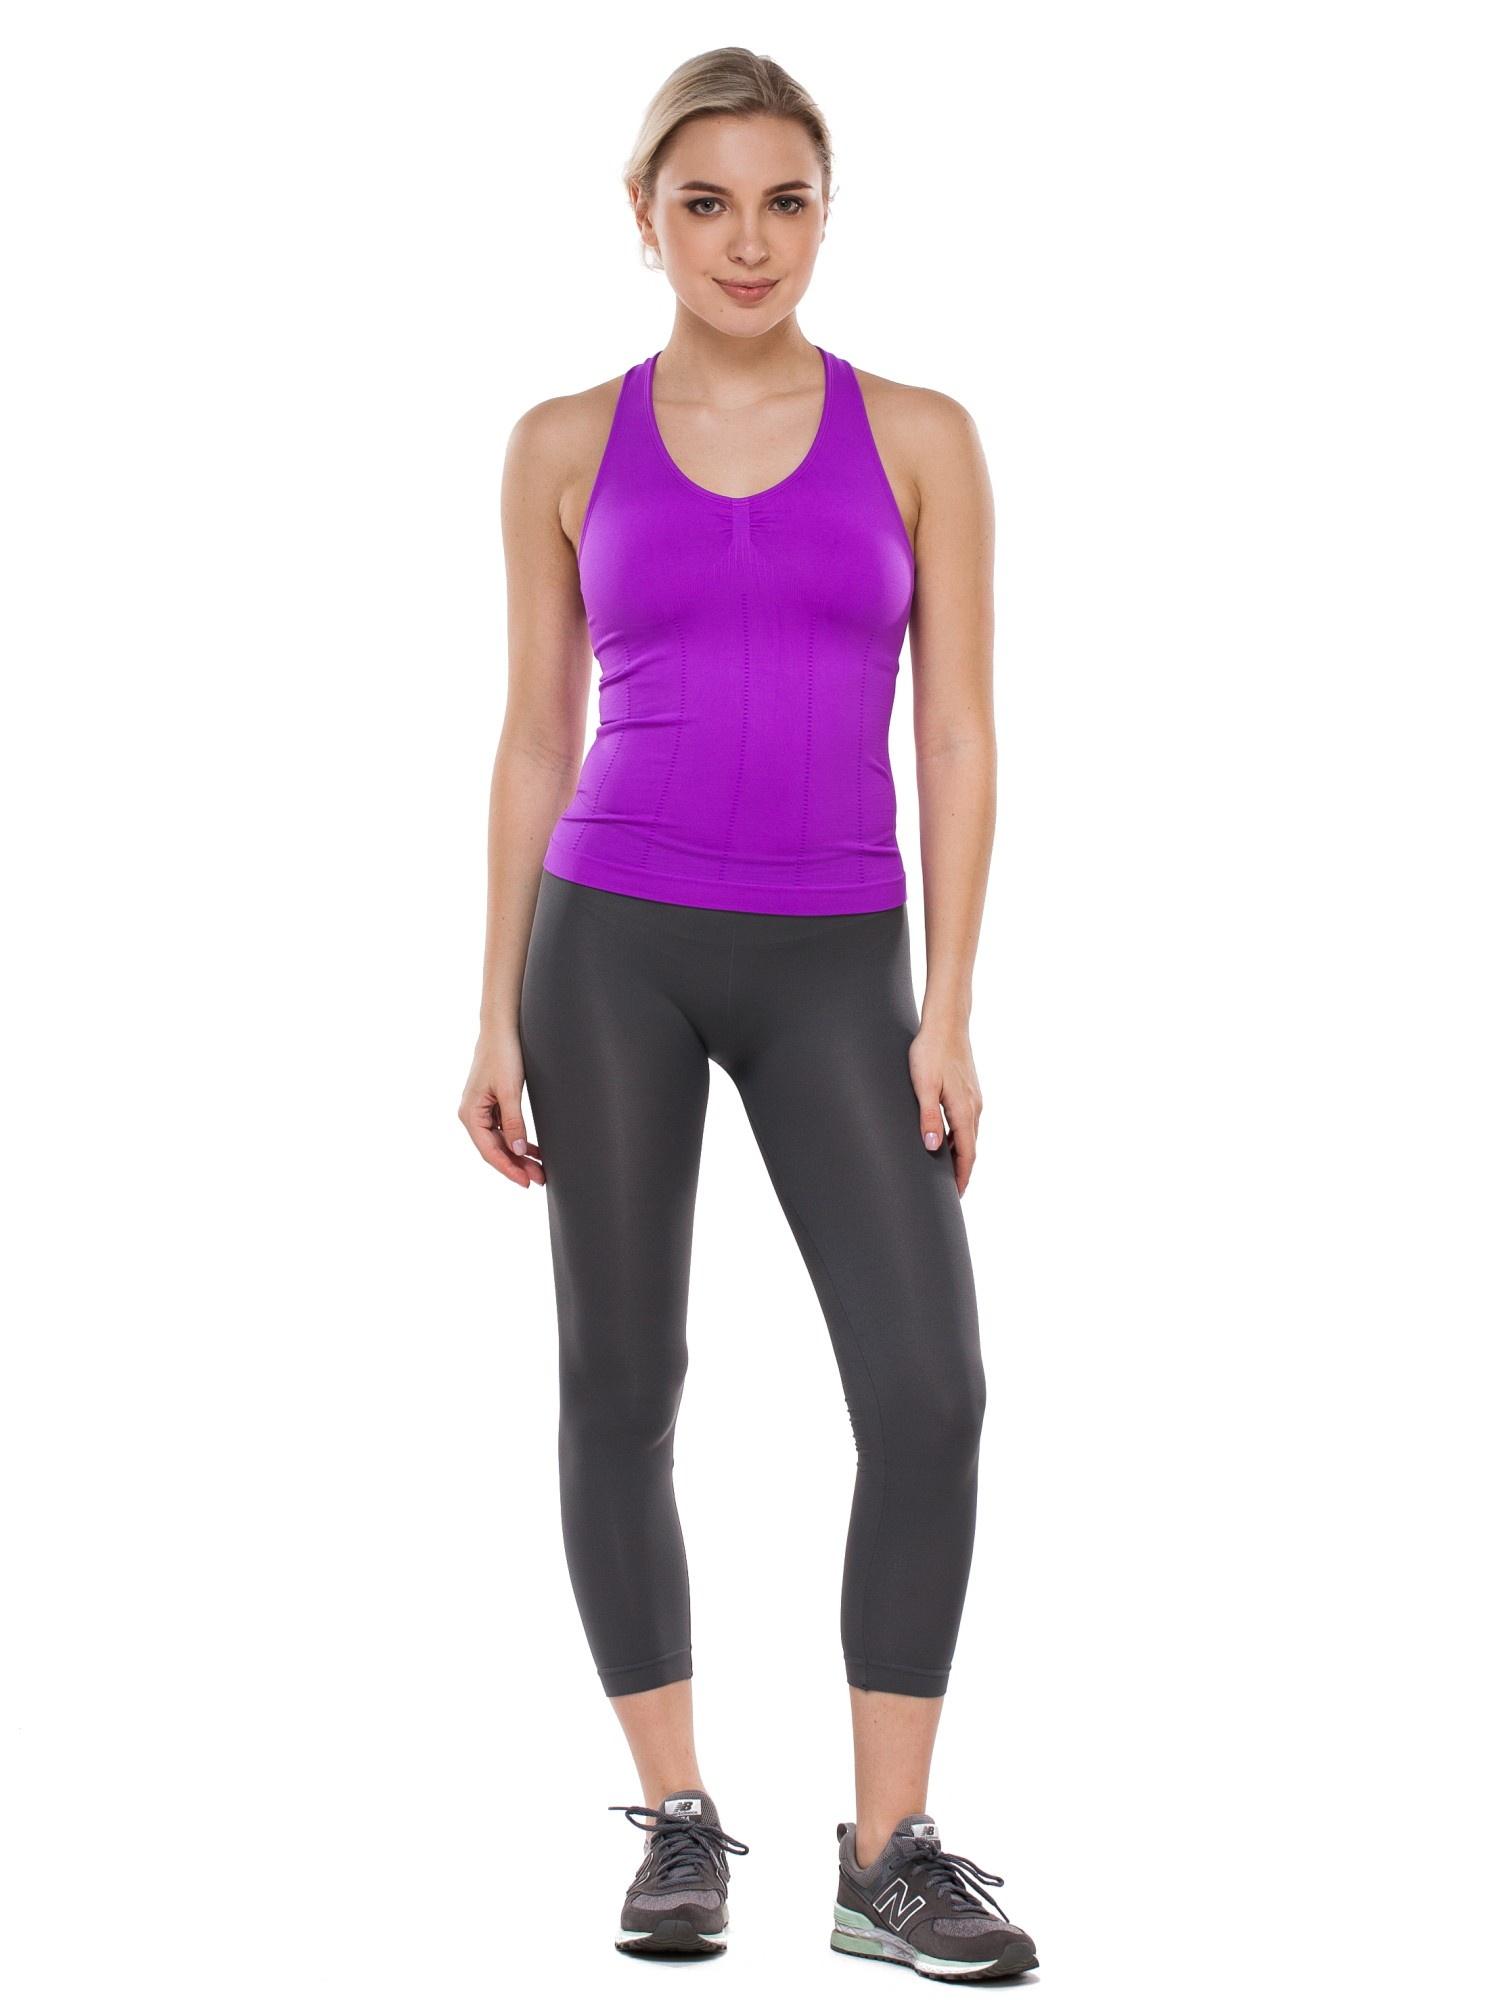 Майка MORERA 35480M PURPLE (M), синий 44, 46 размер35480M PURPLE (M)Спортивная майка для спорта, фитнеса, бега, йоги и т.д.